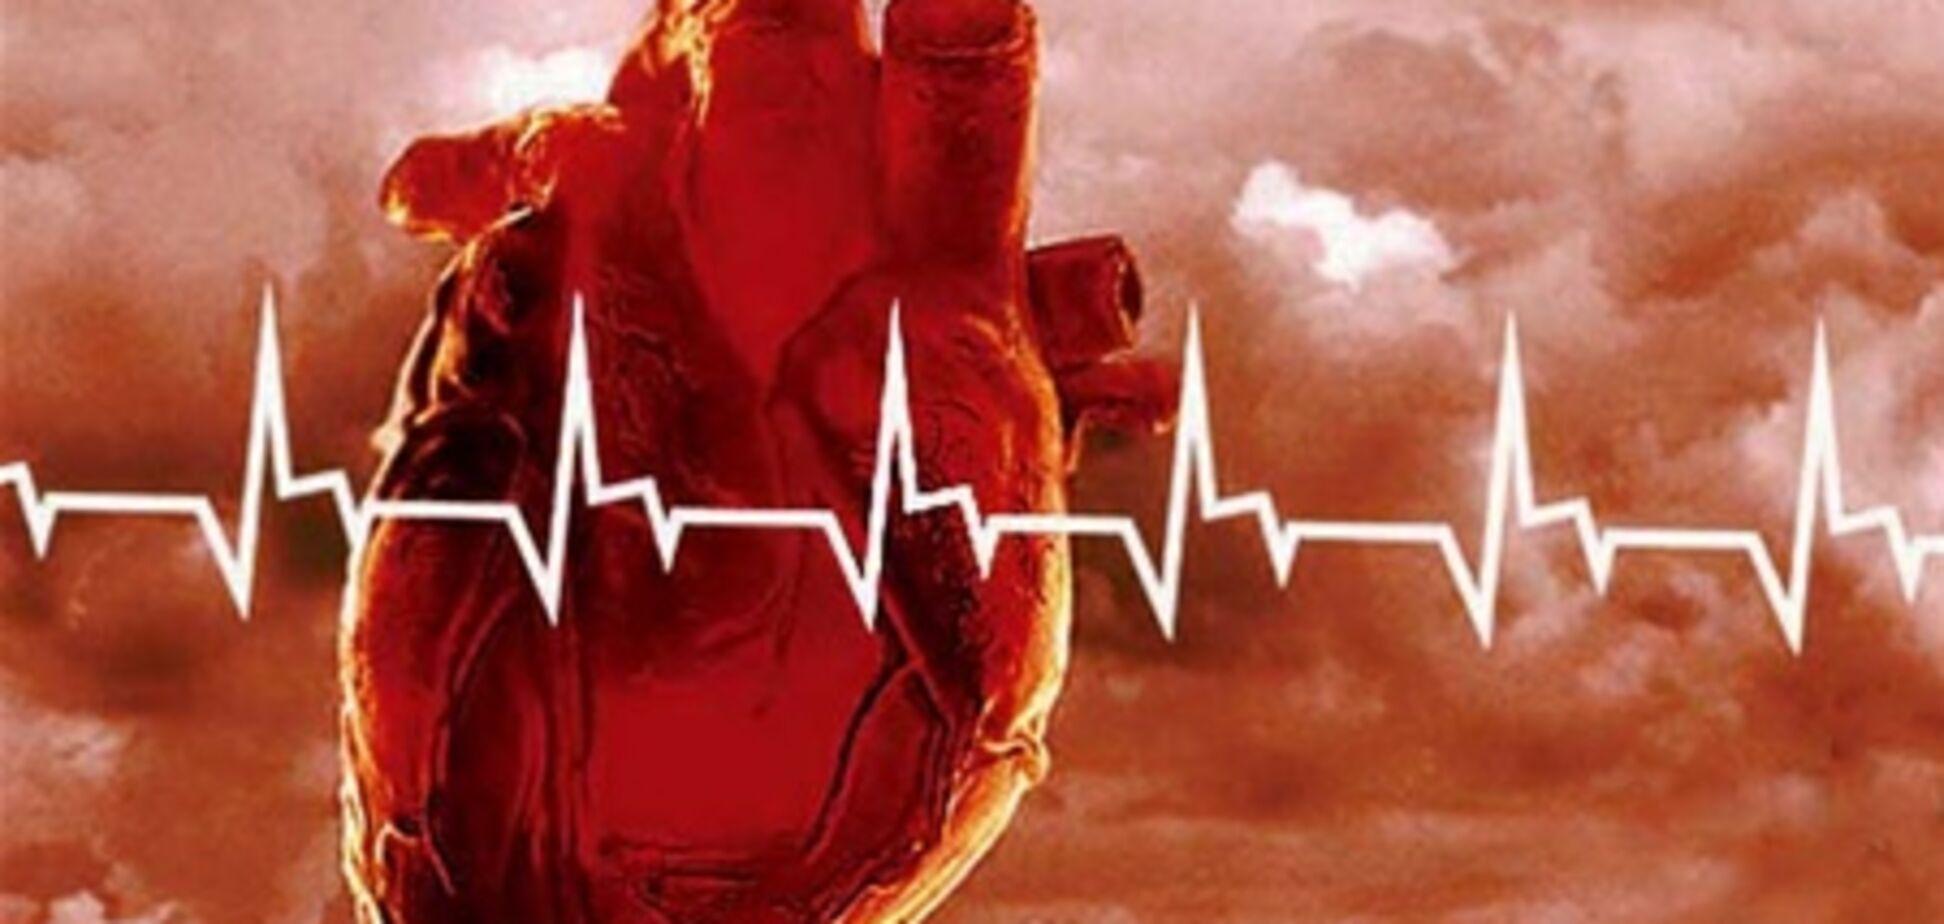 Кардіохірург врятував пацієнта і помер від серцевого нападу